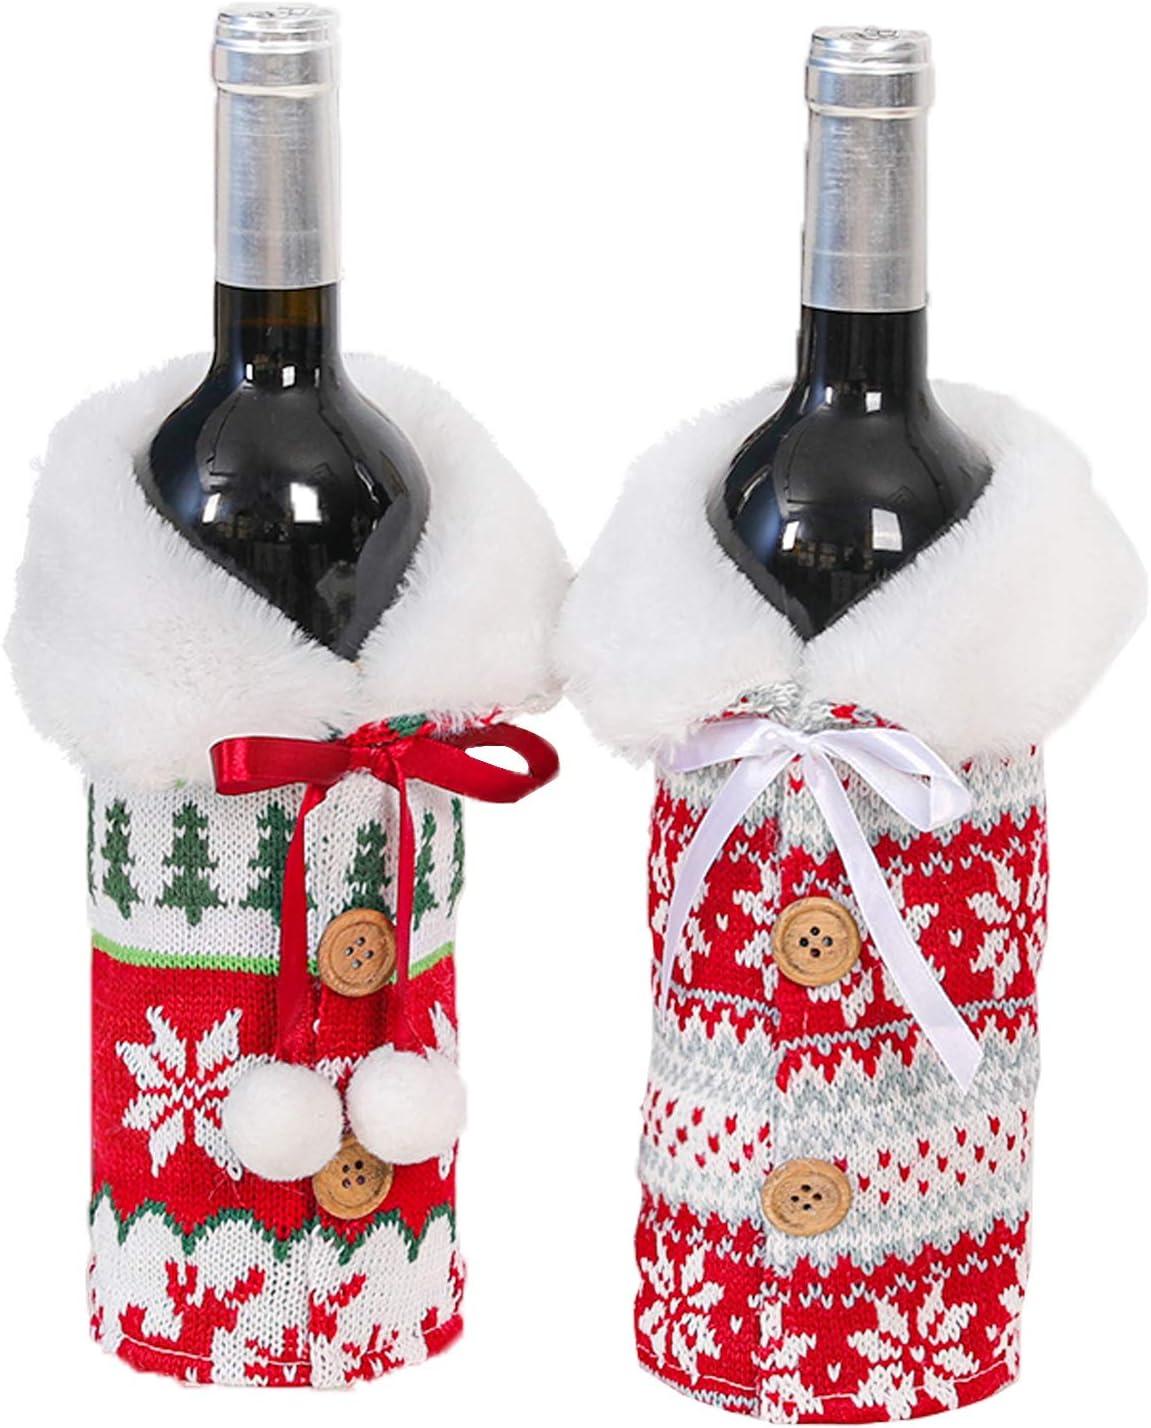 LABOTA 2 Piezas Cubierta de Botella de Vino de Navidad, Bolsas de Vino Tinto para Vestir Botella de Vino, Reutilizables para la Cena del Hogar Decoración de la Fiesta de la Mesa Adornos